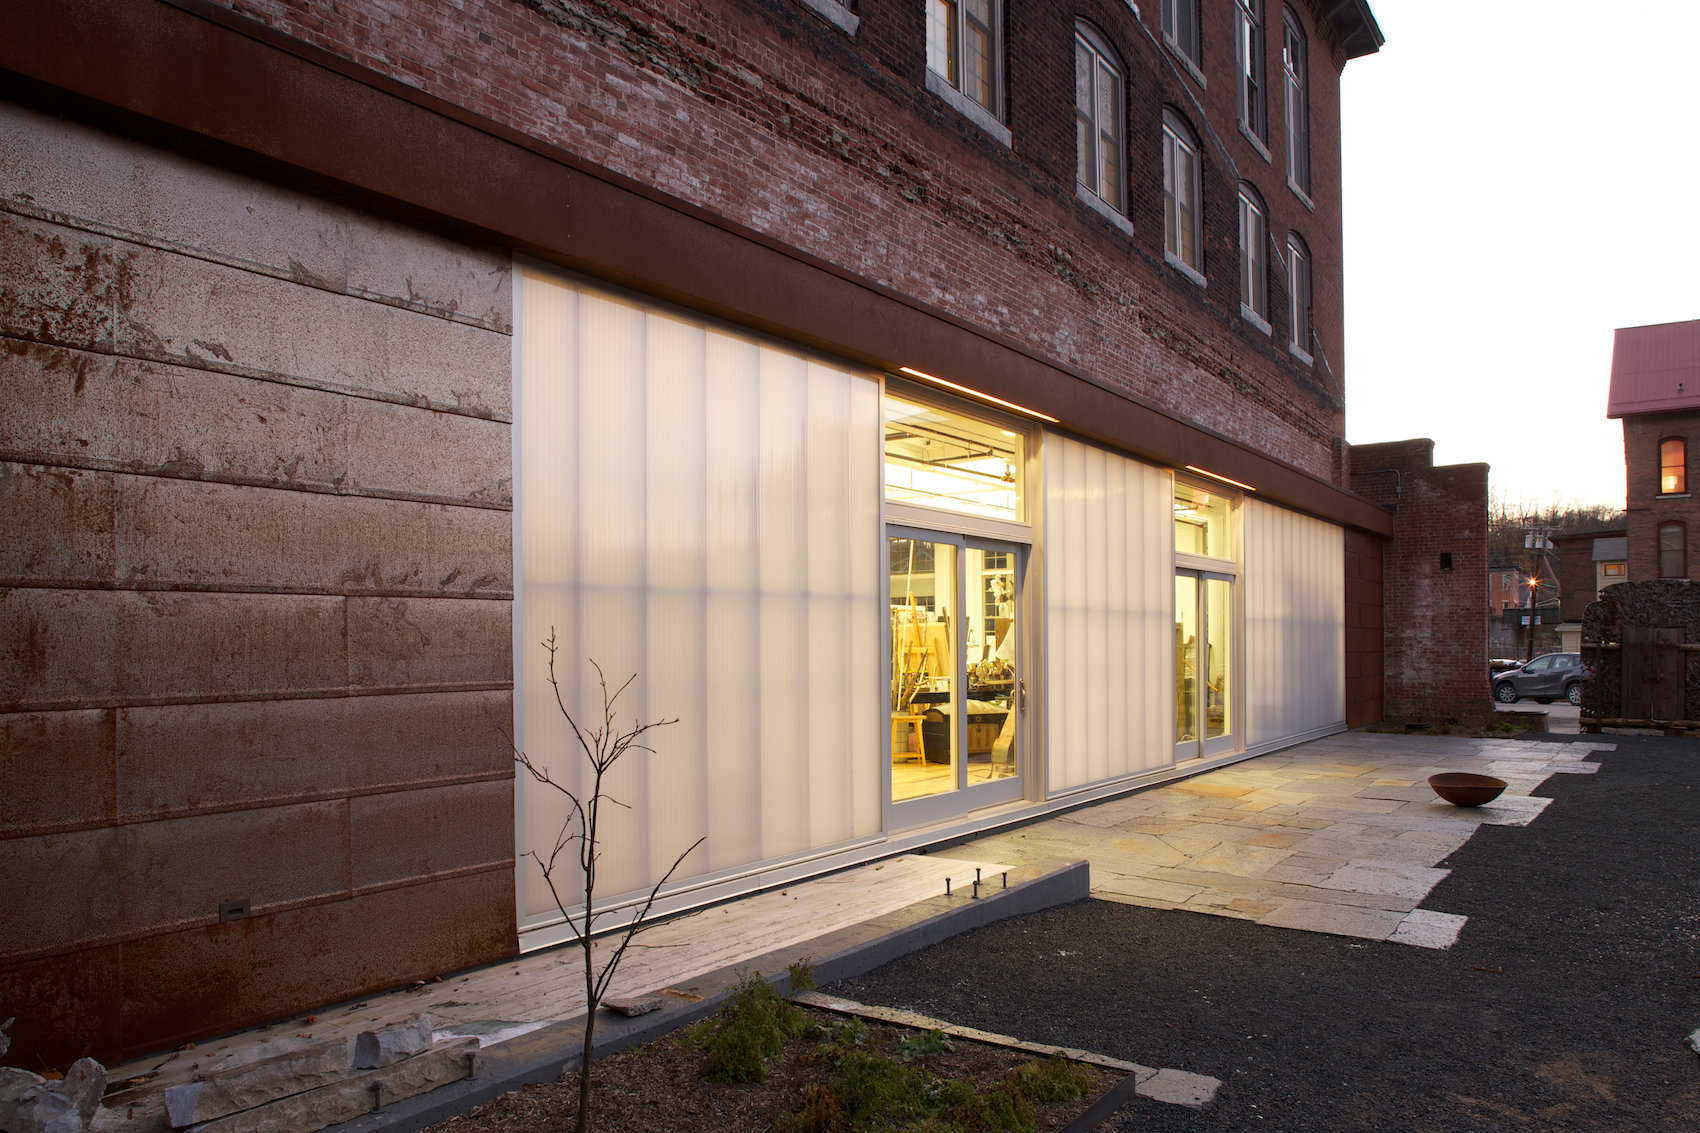 Studio One, LLC., 2014